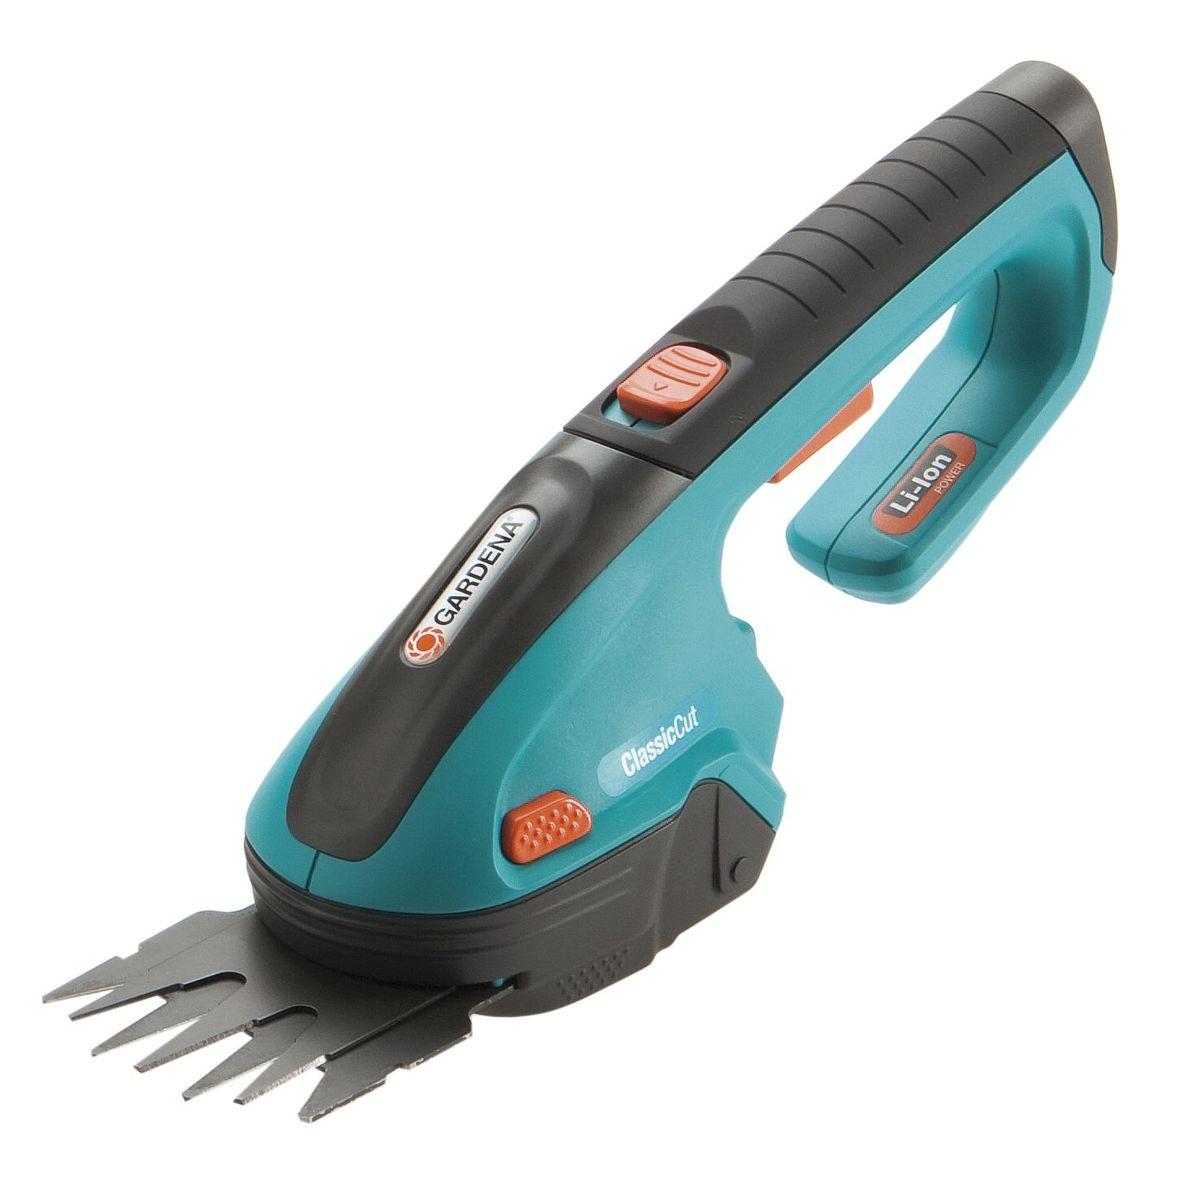 Ножницы аккумуляторные Gardena ClassicCuT08885-20.000.00С аккумуляторными газонными ножницами Gardena ClassicCut вы сможете легко подстричь кромки газонов без подключения к электросети. Кроме того, в комплект входит нож для травы и кустарников (ширина 8 см), благодаря чему ножницы могут использоваться для придания формы кустарнику наподобие самшита. Мощная, простая в обслуживании литий-ионная аккумуляторная батарея гарантирует легкость работы и прекрасную производительность. Светодиодный дисплей постоянно показывает уровень заряда аккумулятора и позволяет оценить оставшееся время работы, а также вовремя сигнализирует о необходимости подзарядки. Благодаря эргономичной рукоятке аккумуляторные газонные ножницы хорошо лежат в руке, а их высокая эффективность обеспечивает превосходные результаты стрижки. Съемные ножи прецизионной заточки имеют покрытие от налипания. Ножи заменяются без помощи инструментов - невероятно просто, быстро и безопасно. Это дает возможность легко преобразовать газонные ножницы в кусторезы. В комплект поставки аккумуляторных газонных ножниц входит зарядное устройство и защитный чехол для ножа.Напряжение аккумулятора: 3,6 В.Емкость аккумулятора: 1,45 Ач.Время зарядки батареи: приблизительно 6 ч.Тип аккумулятора: Li-lon.Время работы: 45 мин.Ширина стрижки: 8 см.